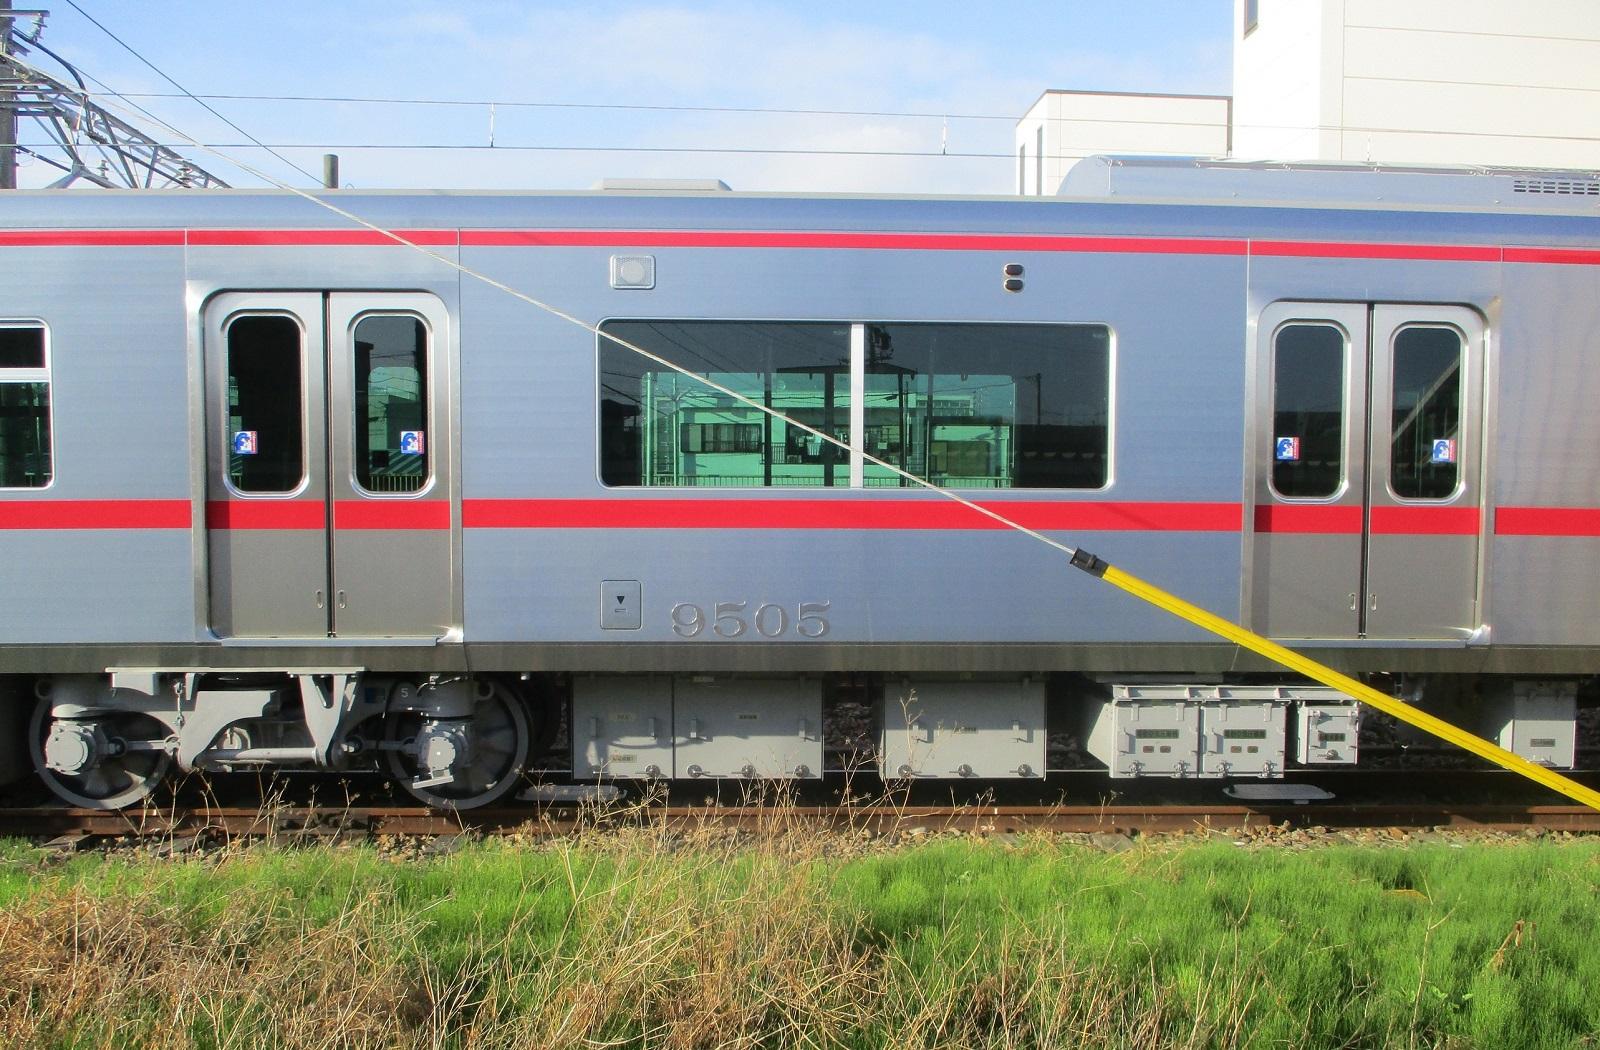 2020.5.4 (5) 矢作橋 - 9505編成 1600-1050